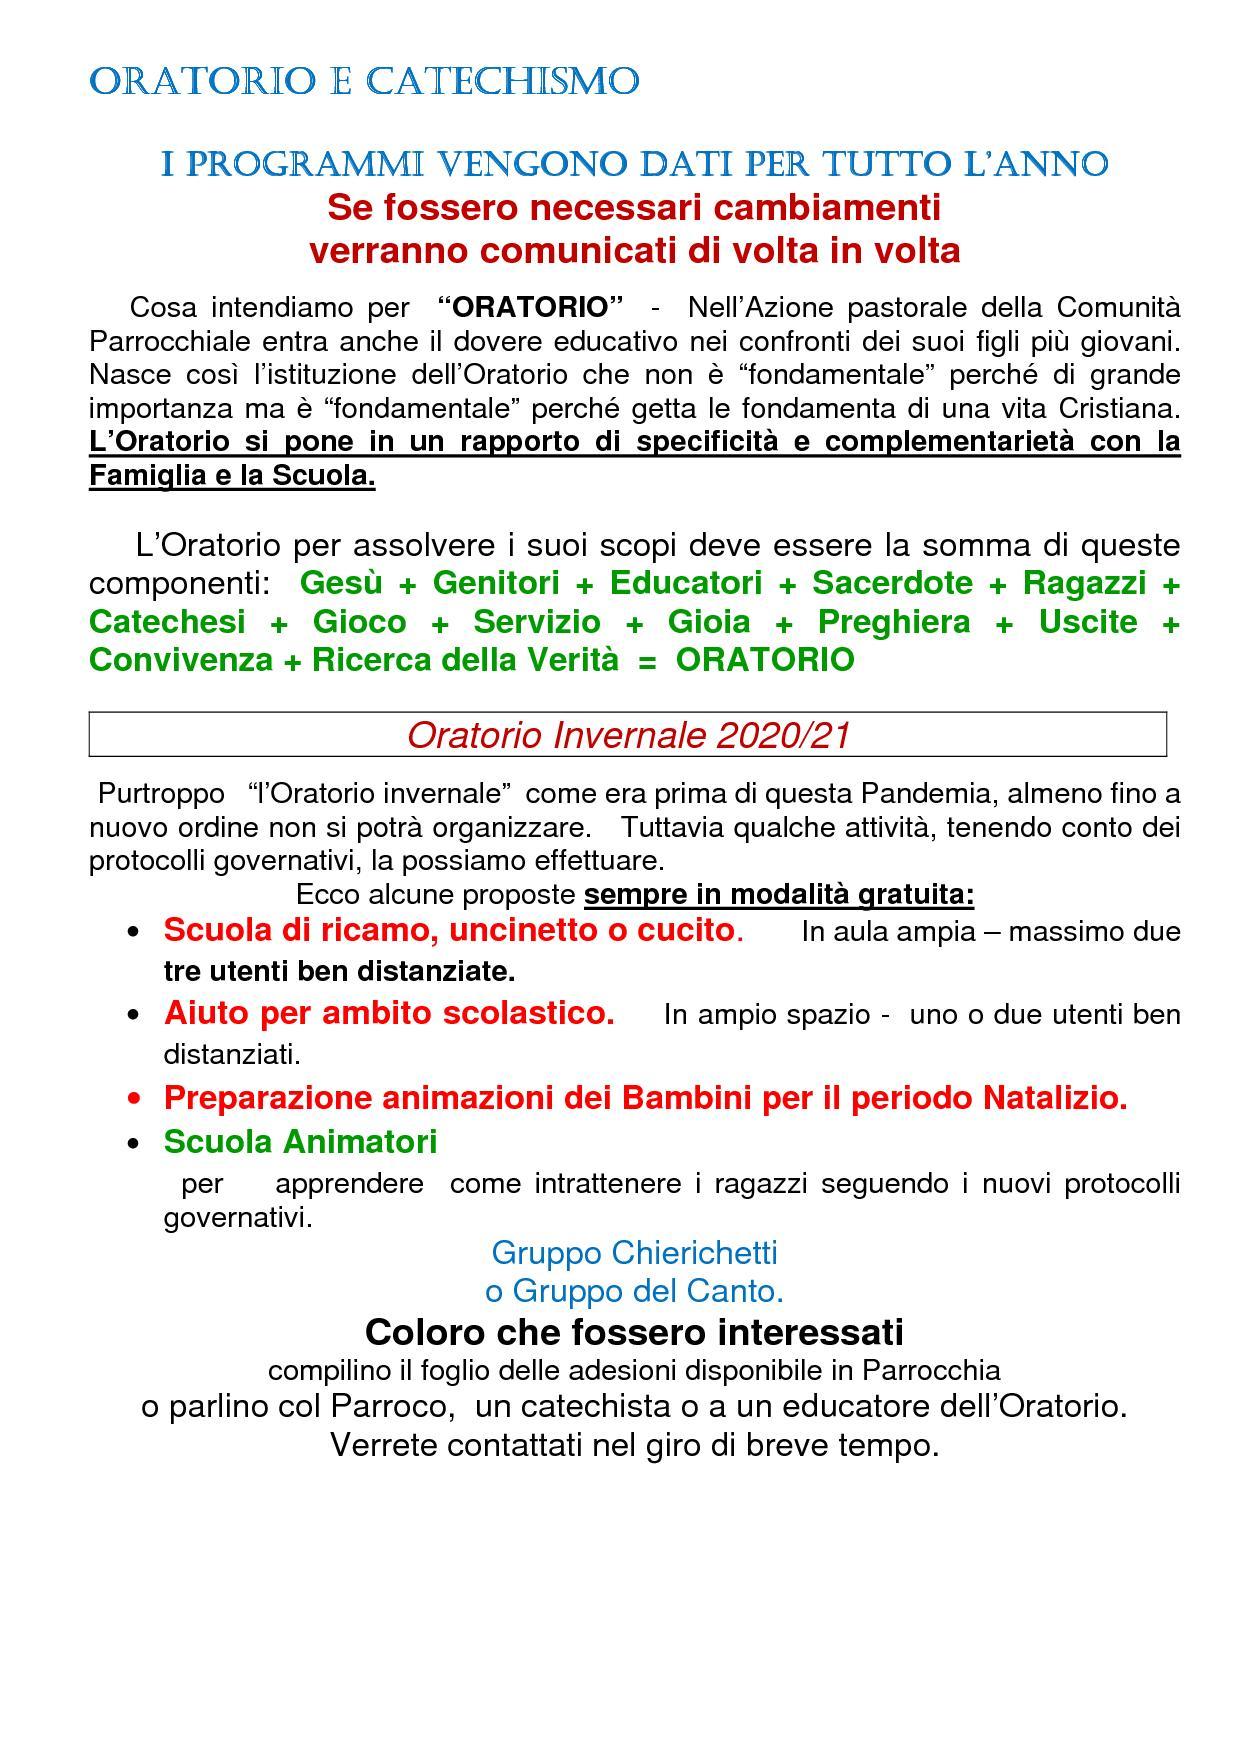 Oratorio - Catechismo Ott 20 bis1